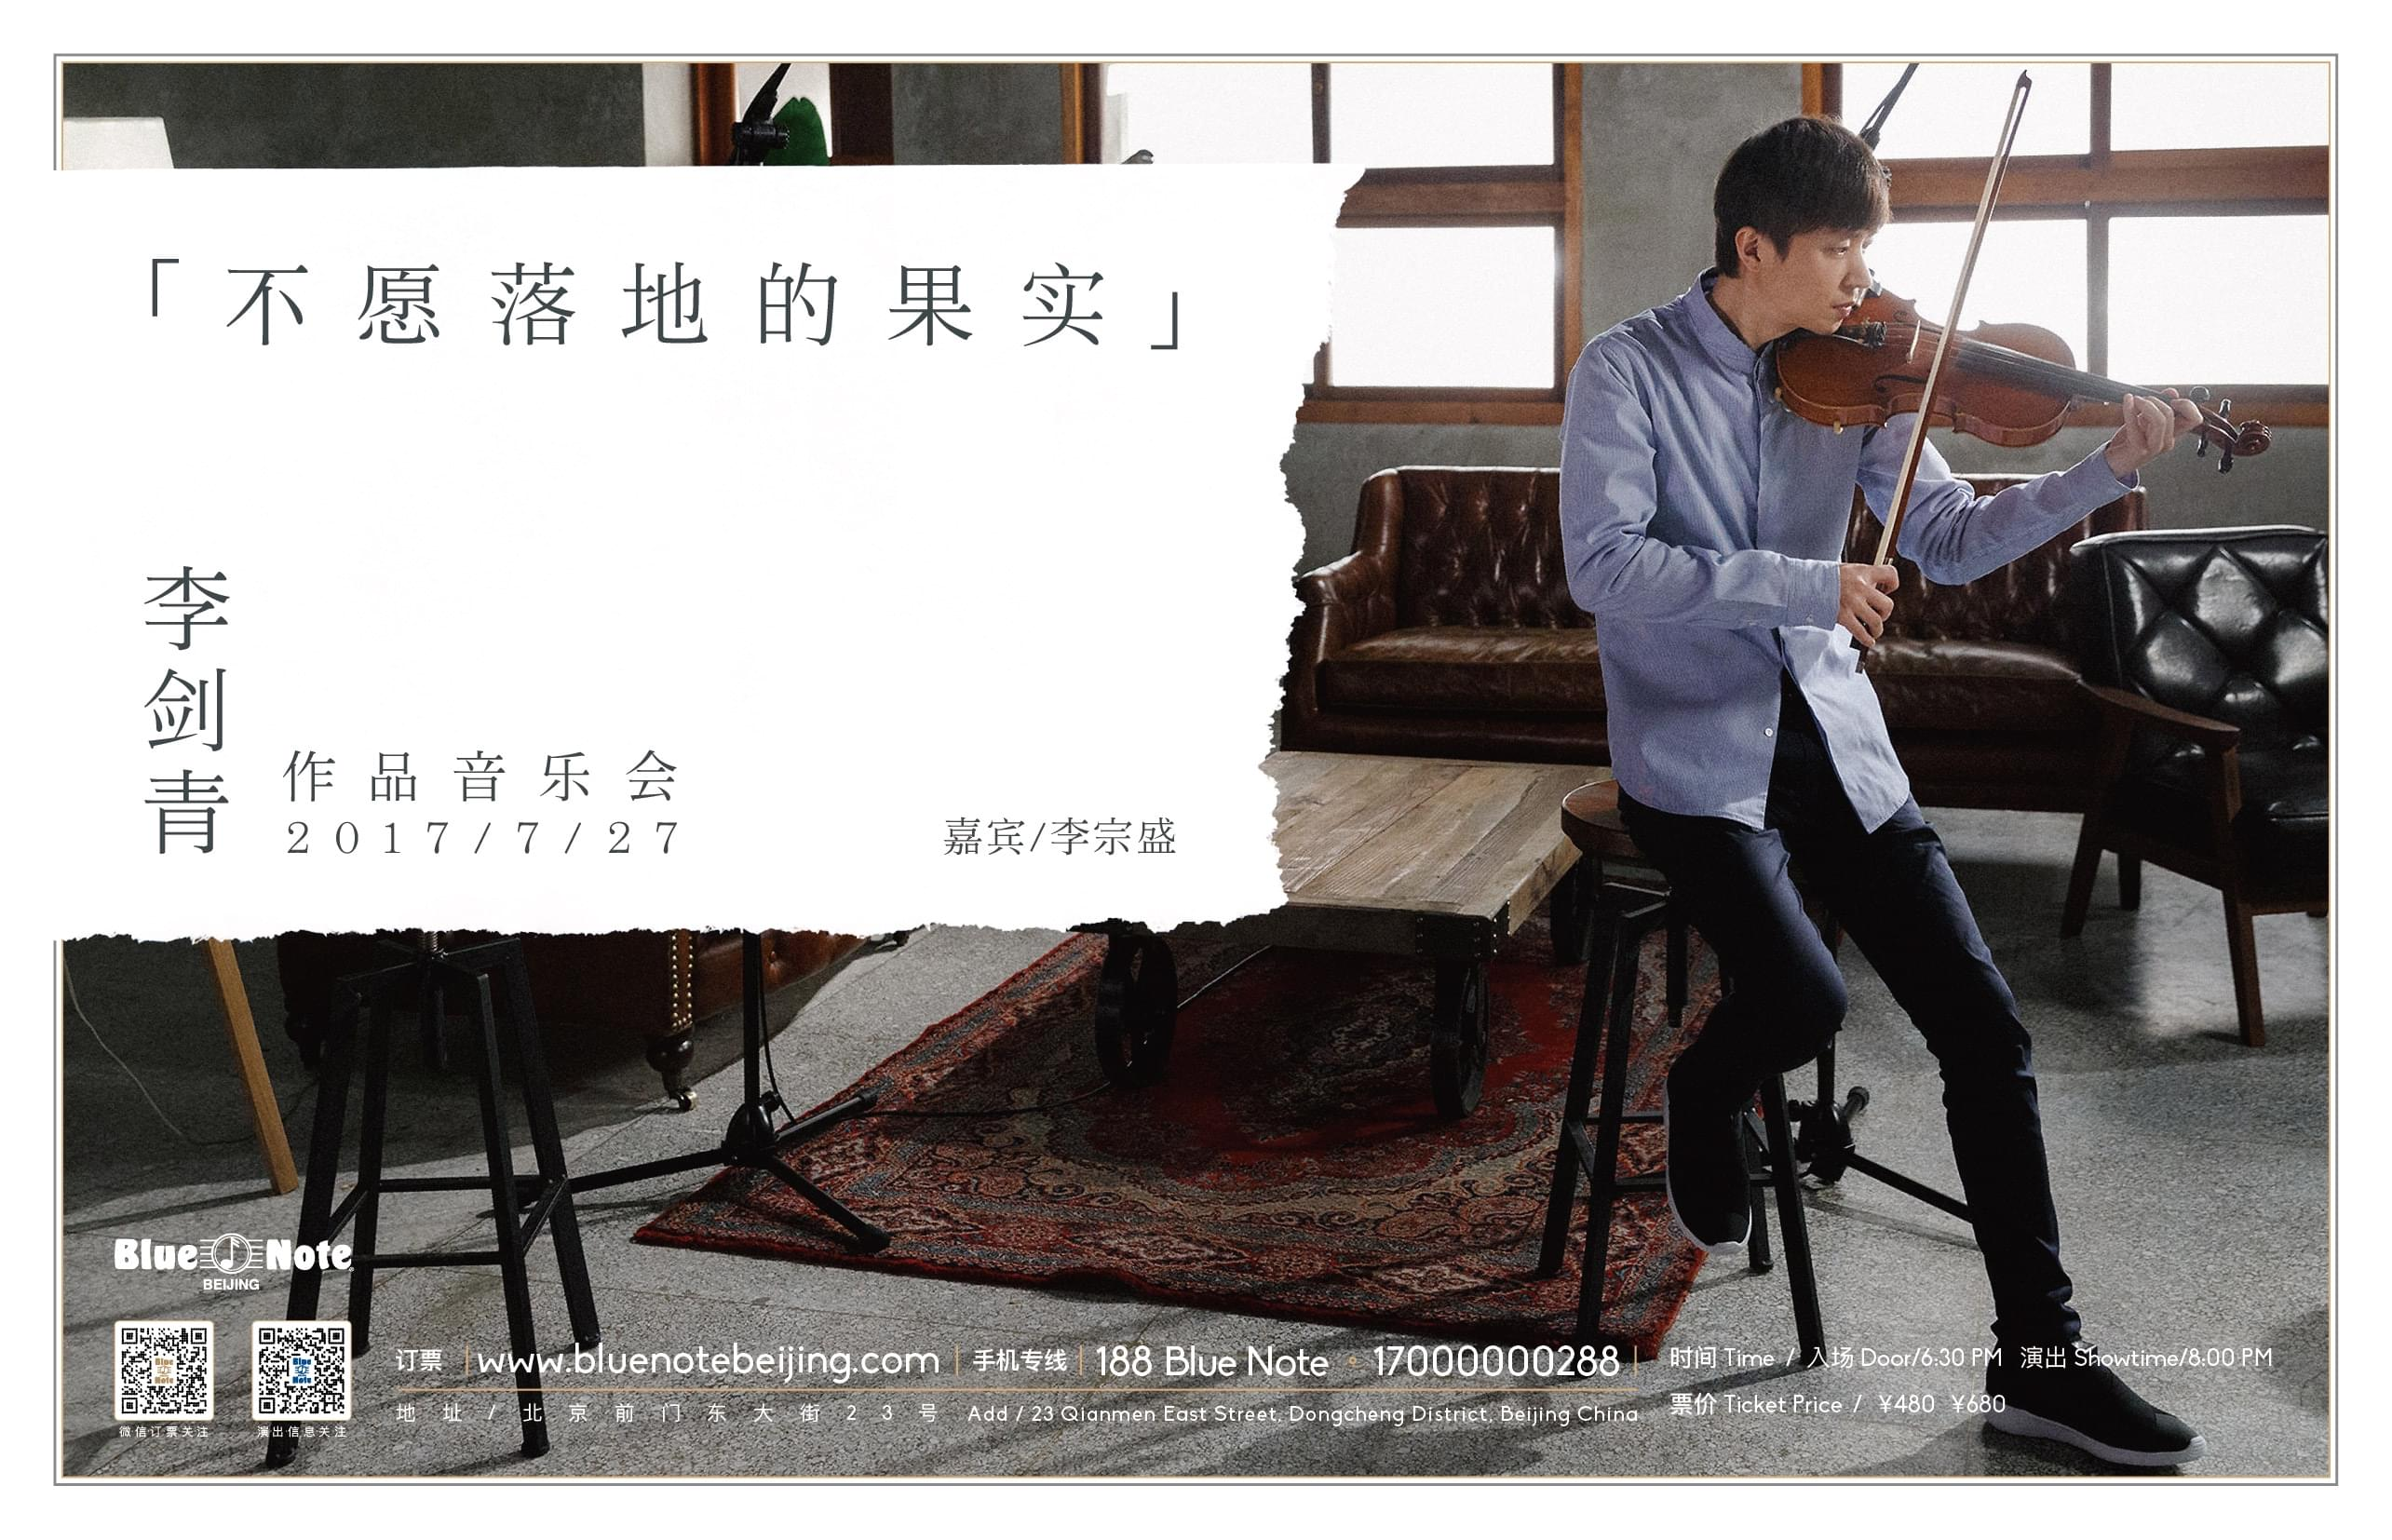 李剑青作品音乐会7月27日开唱 李宗盛将助阵